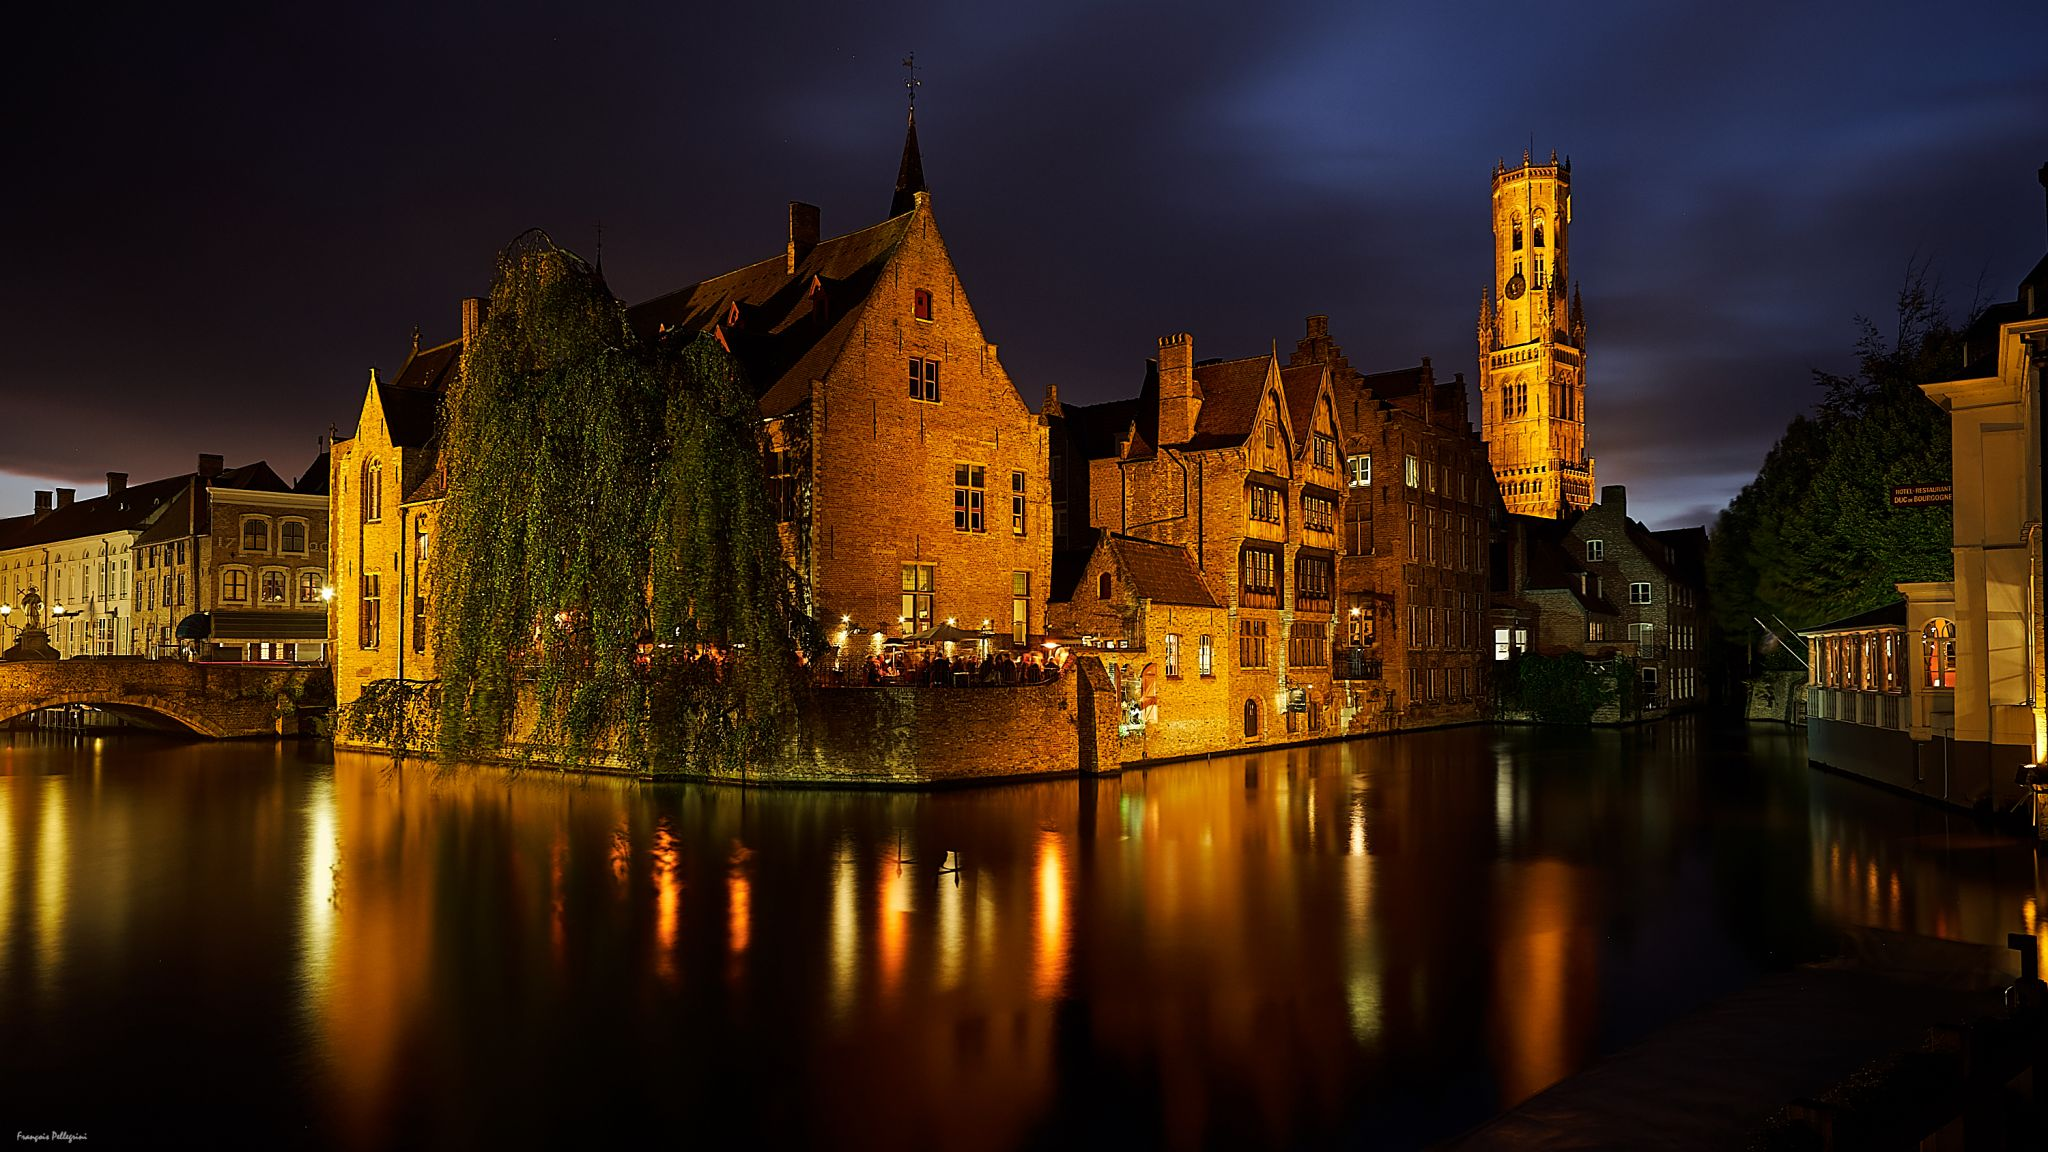 Rozenhoedenkaai, Bruges, Belgium